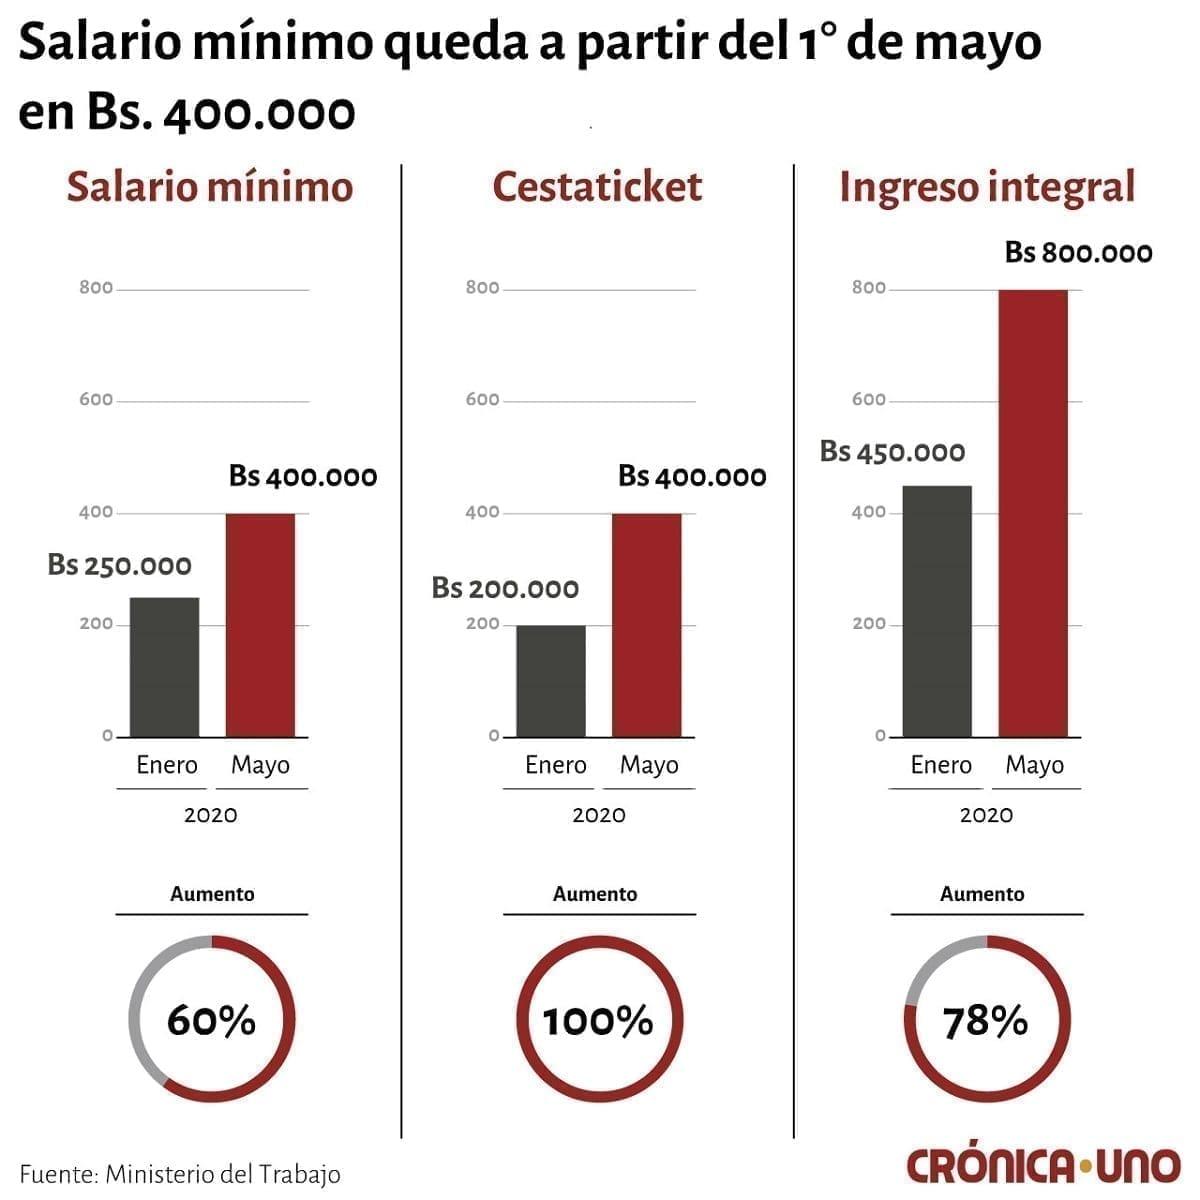 Sueldo-Minimo-Venezuela-2020